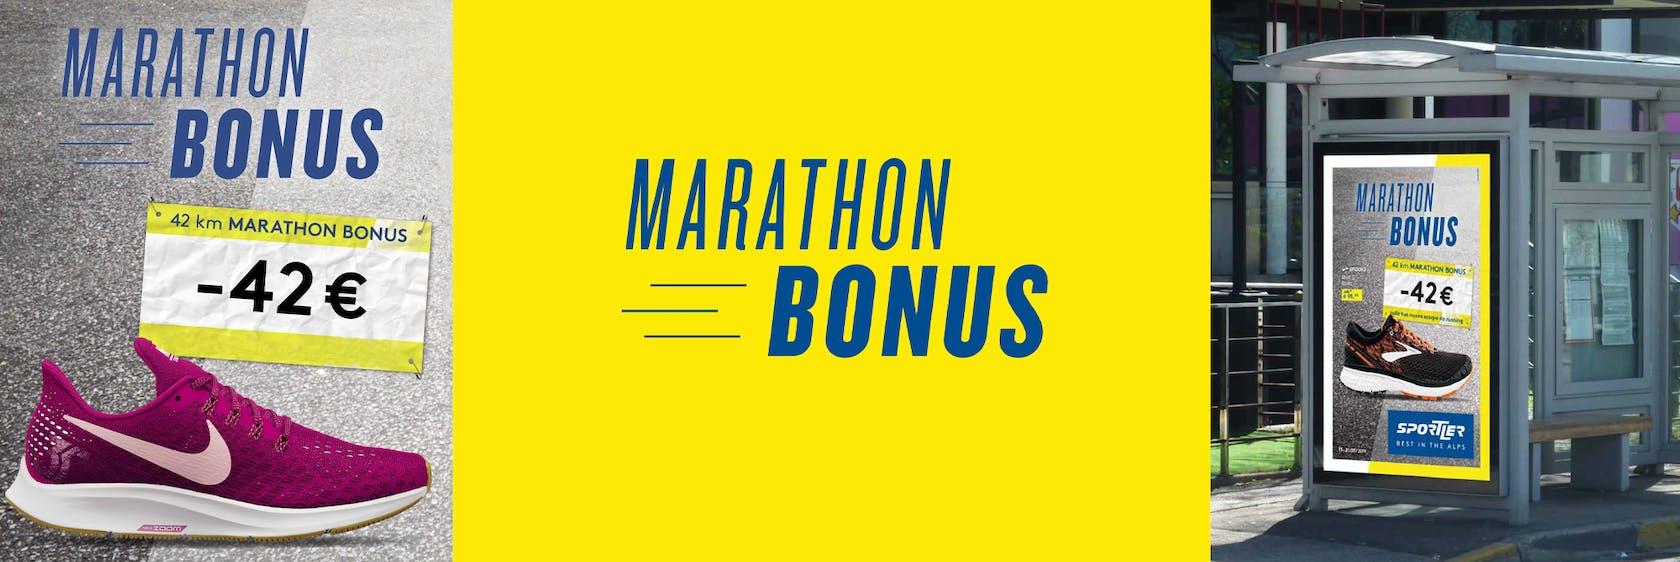 Marathon Bonus -42€ su scarpe da running